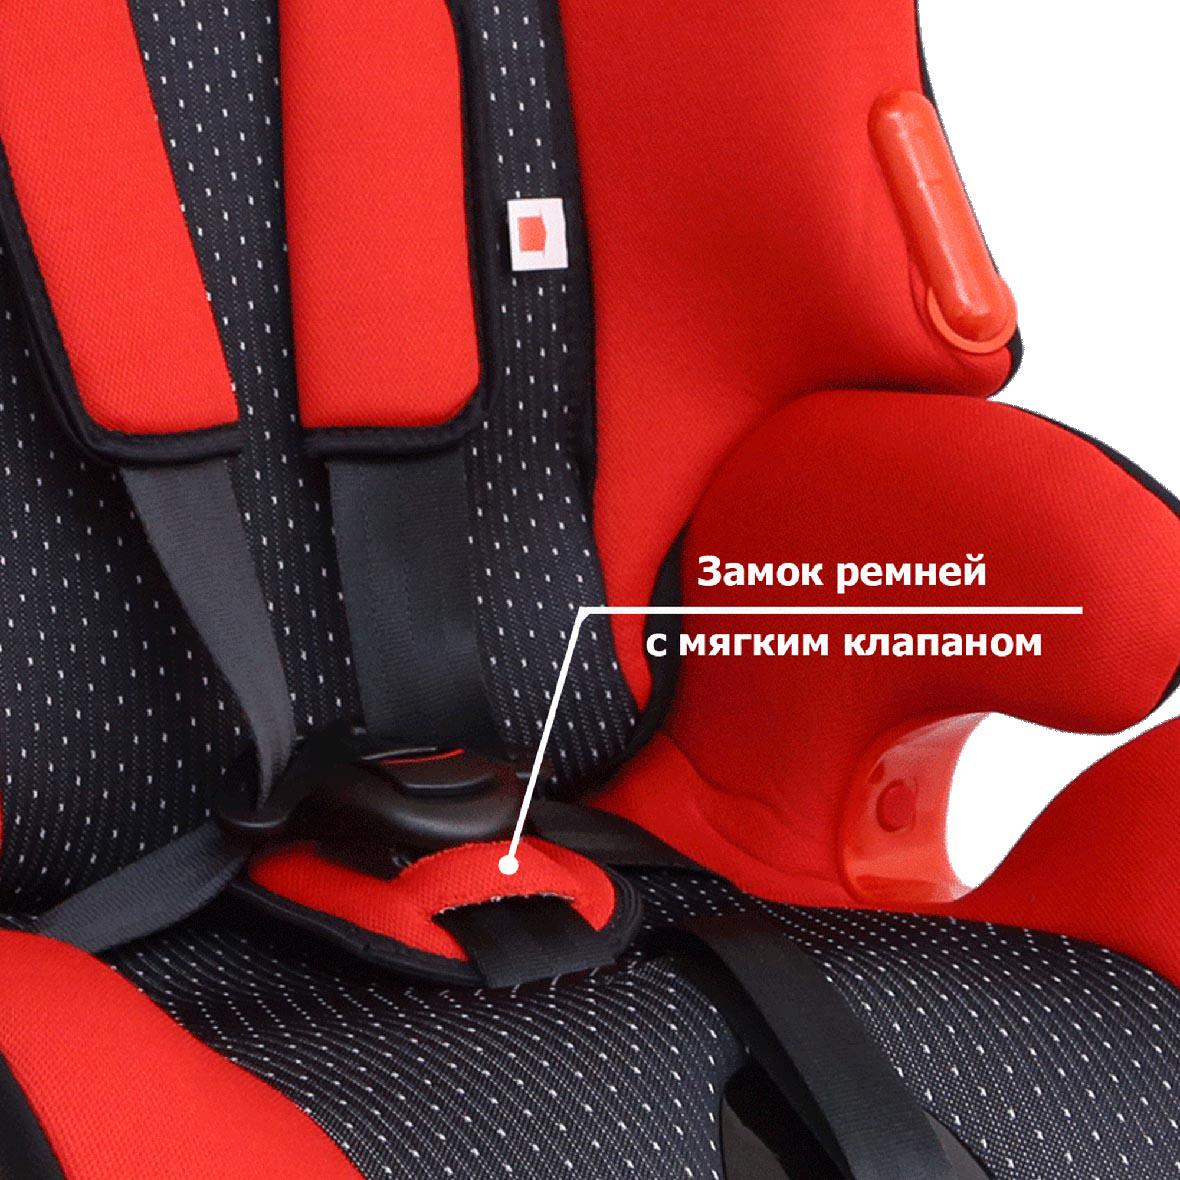 Siger Автокресло Космо цвет красный от 9 до 36 кг